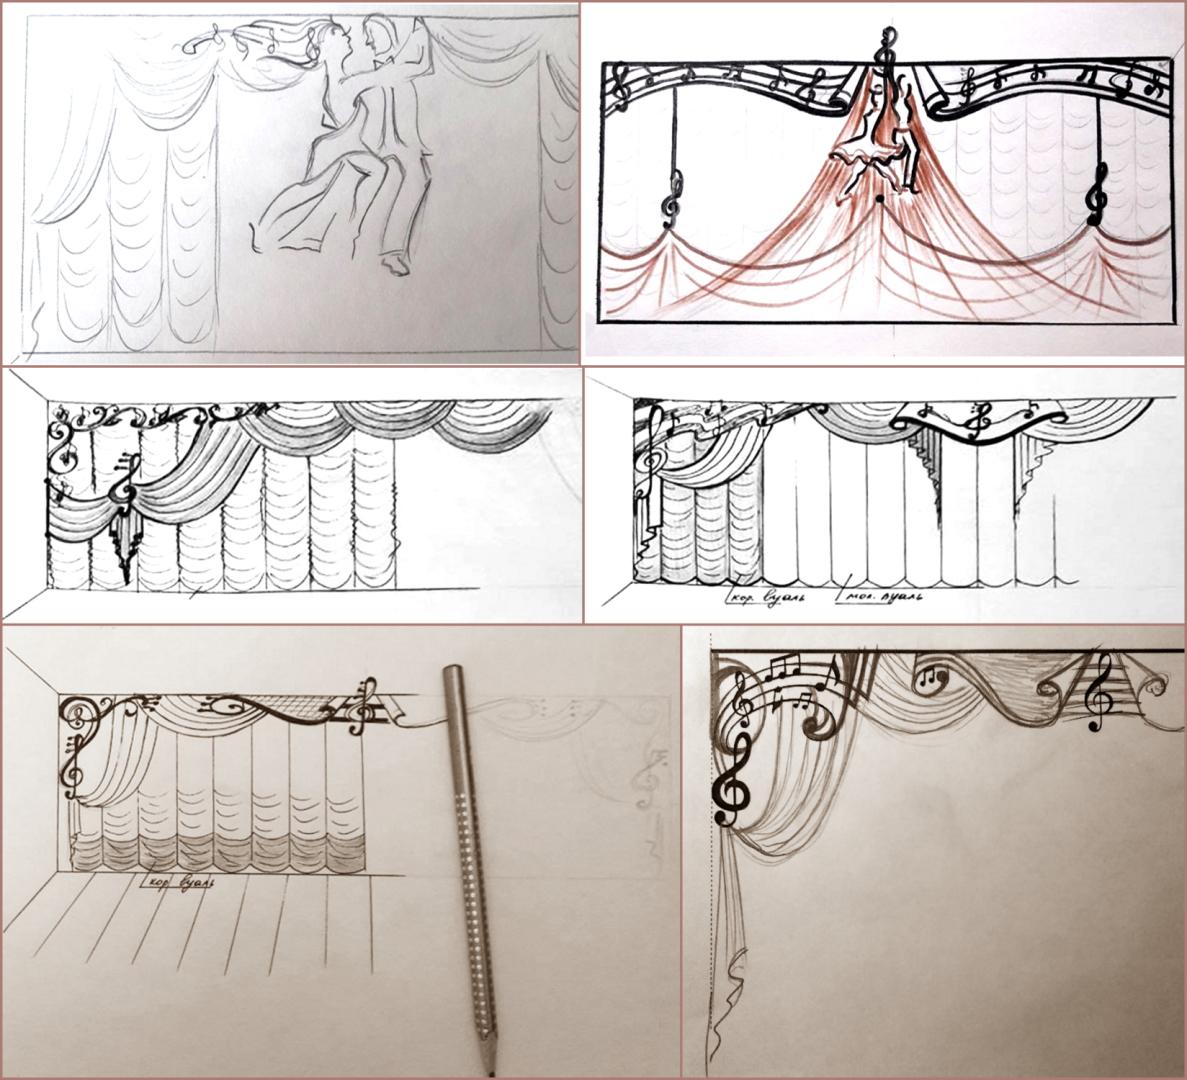 Коллаже из  некоторых эскизов ламбрекена для задника сцены.